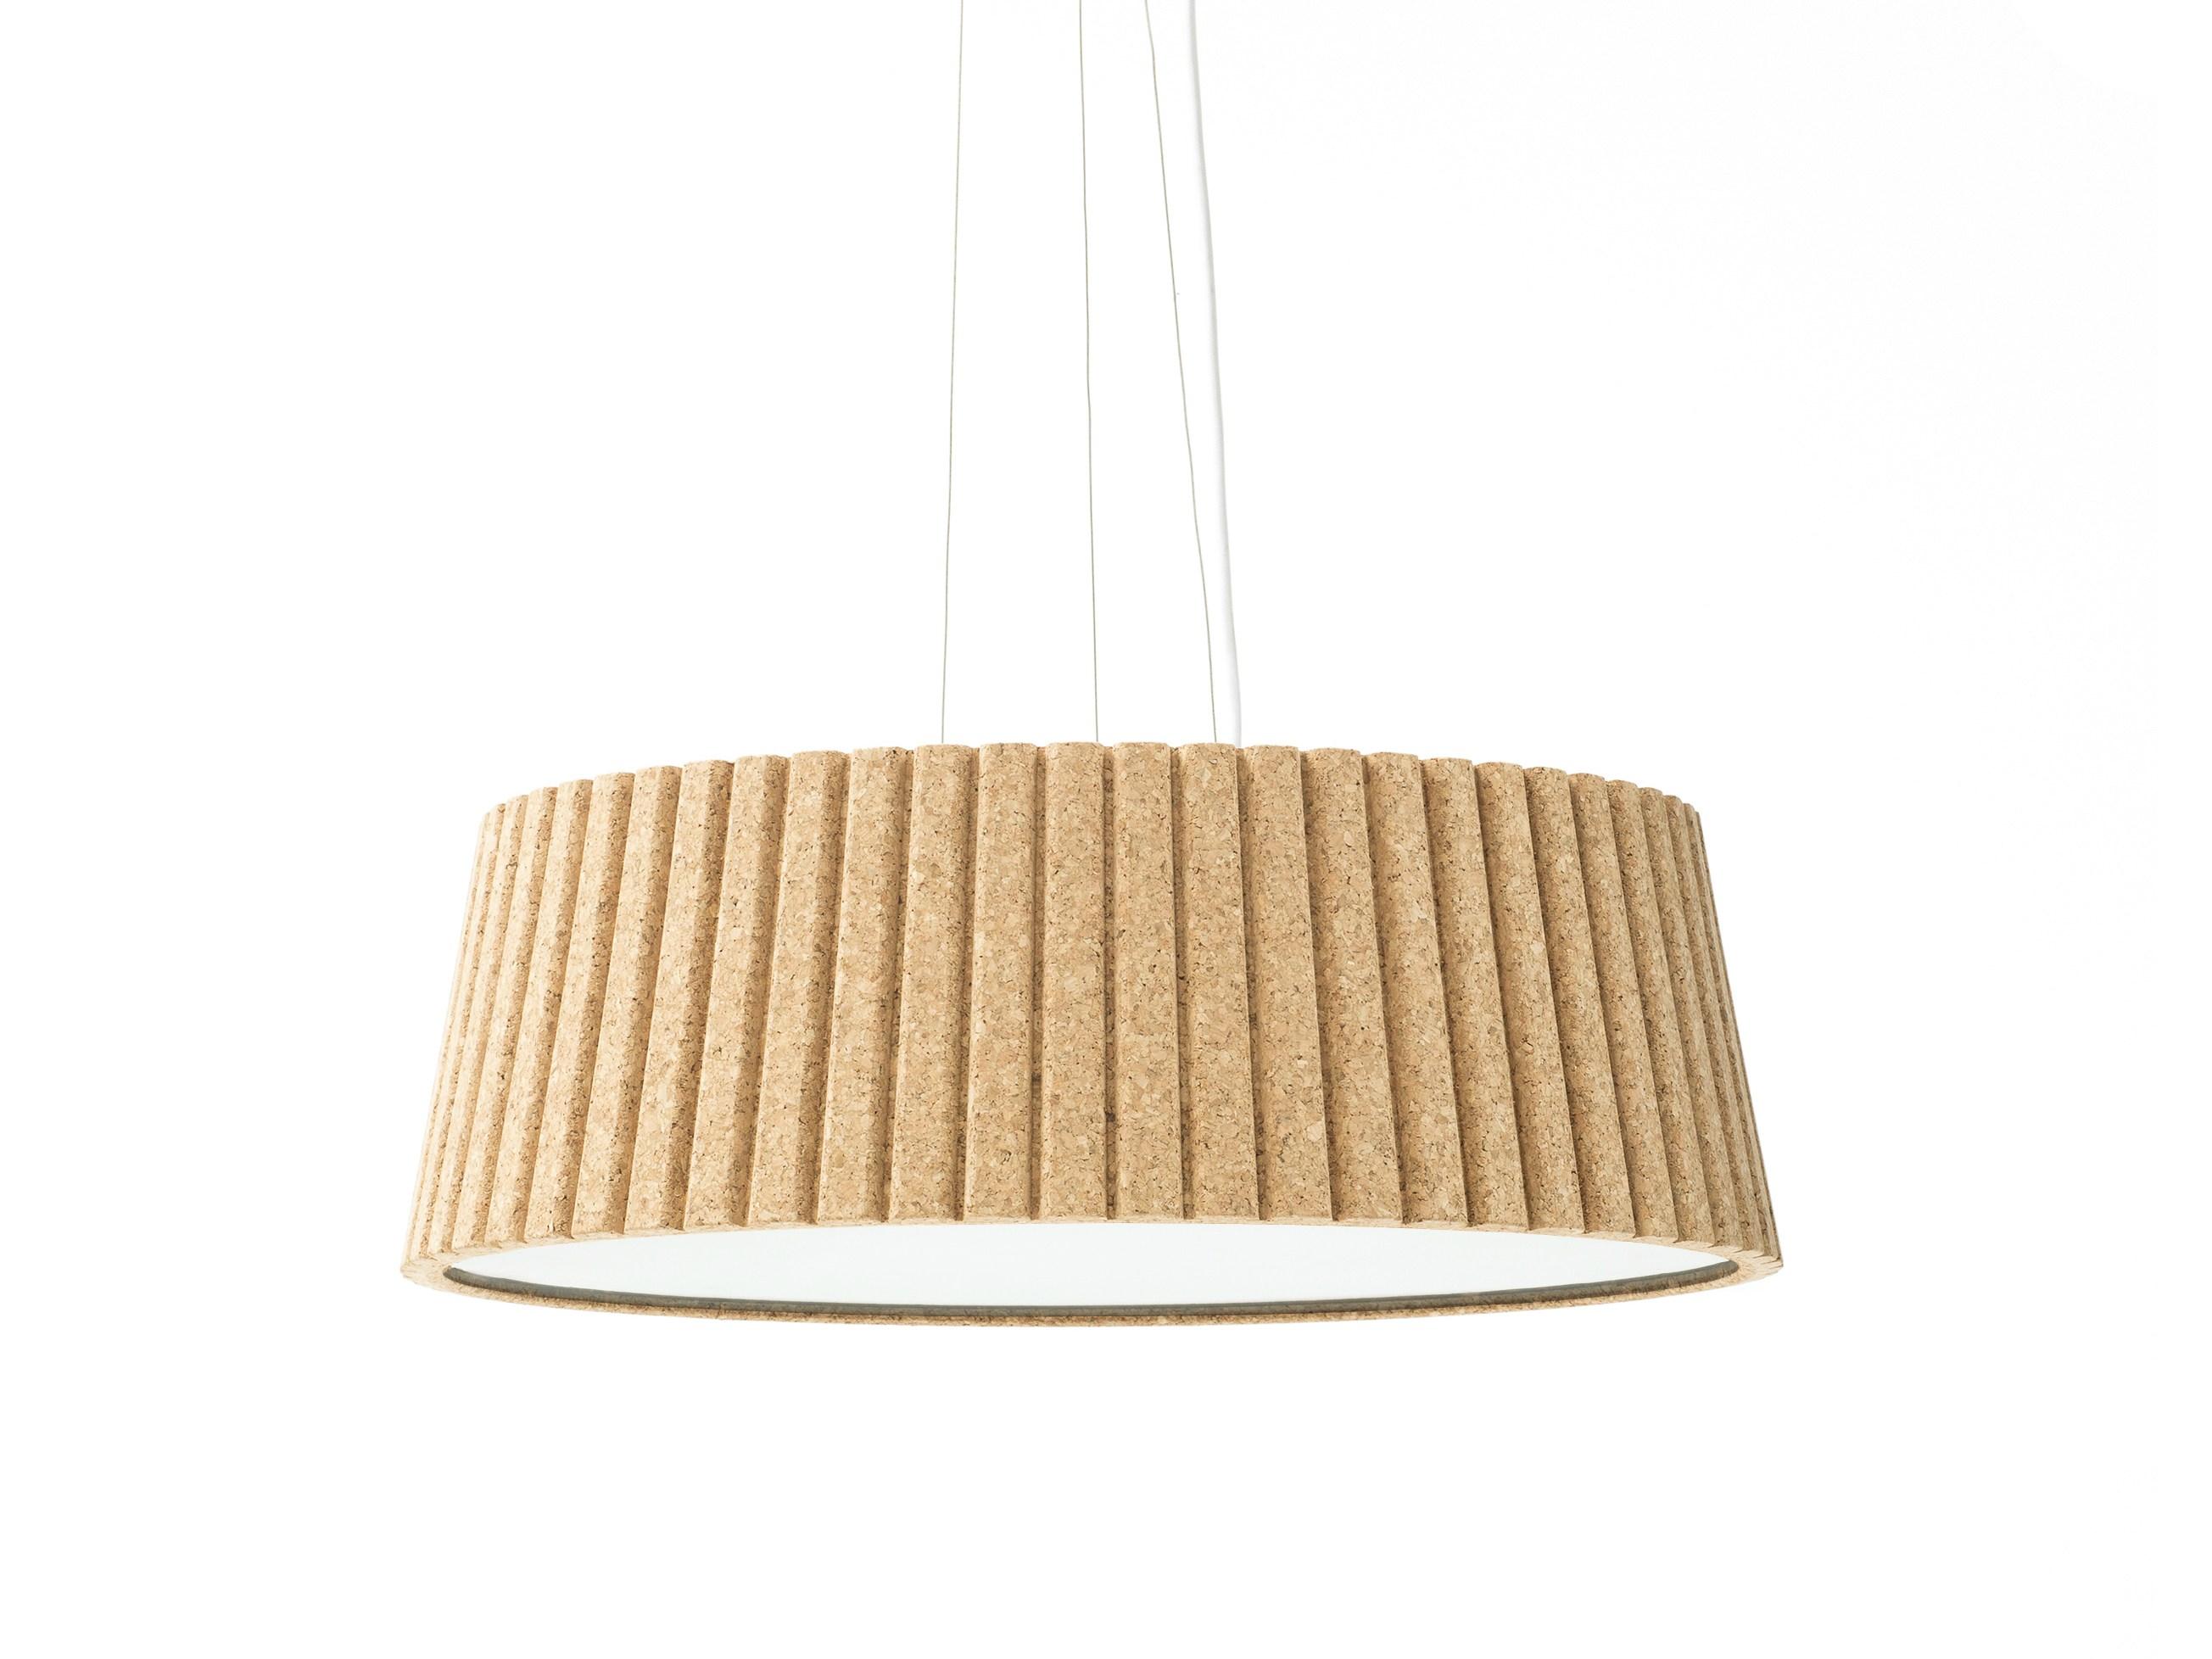 Pianissimo Pendant Lamp by Lars Beller Fjetland for Discipline